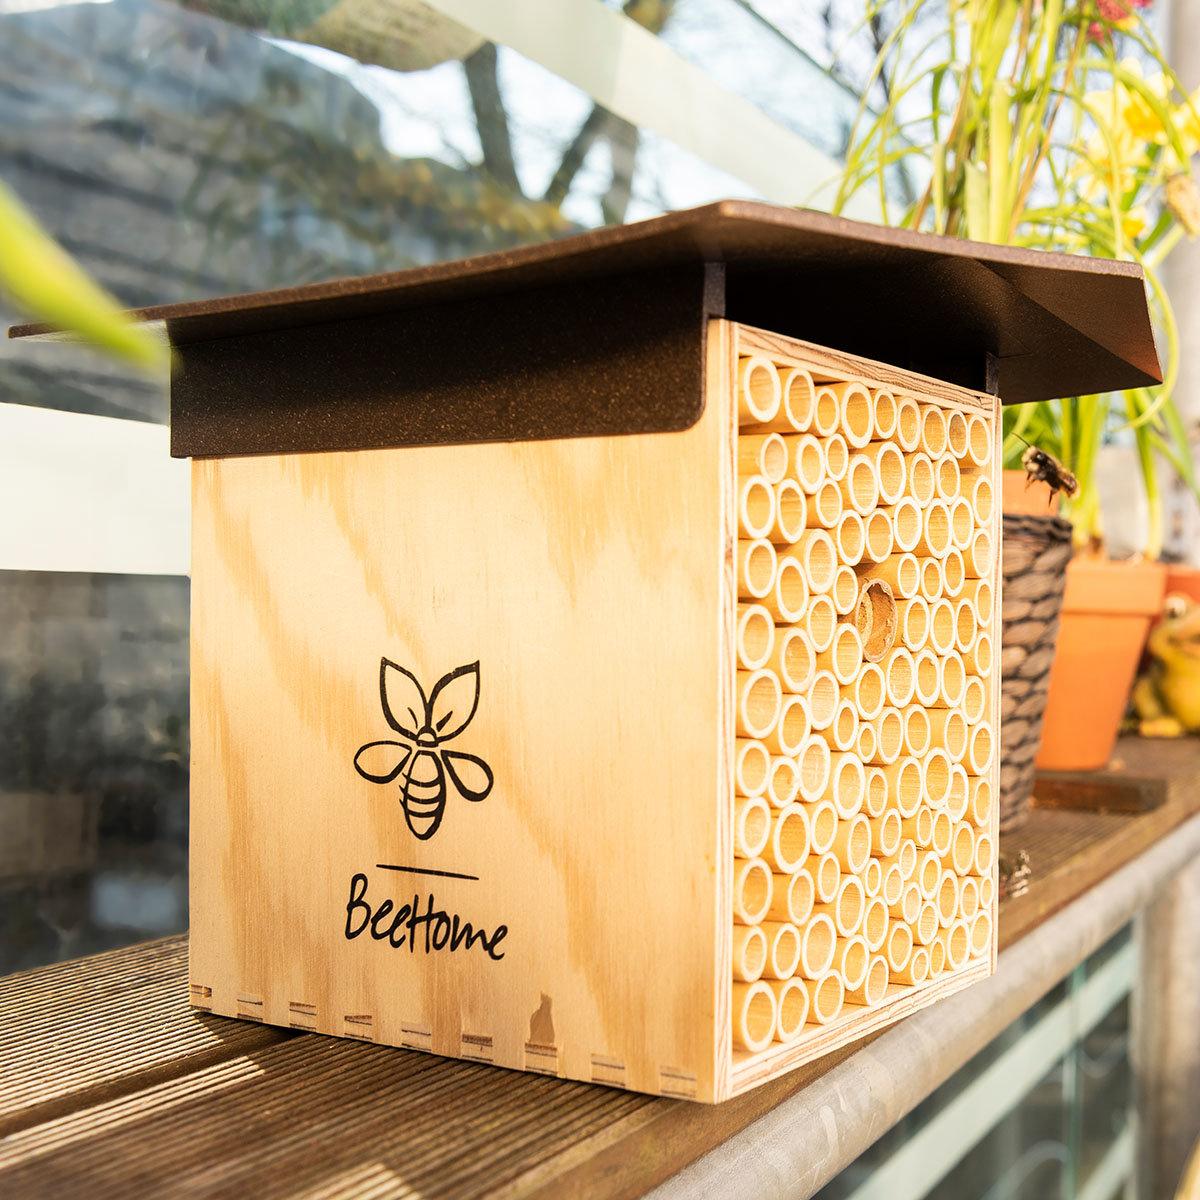 Insektenhotel BeeHome mit Gutschein für Mauerbienenkokons